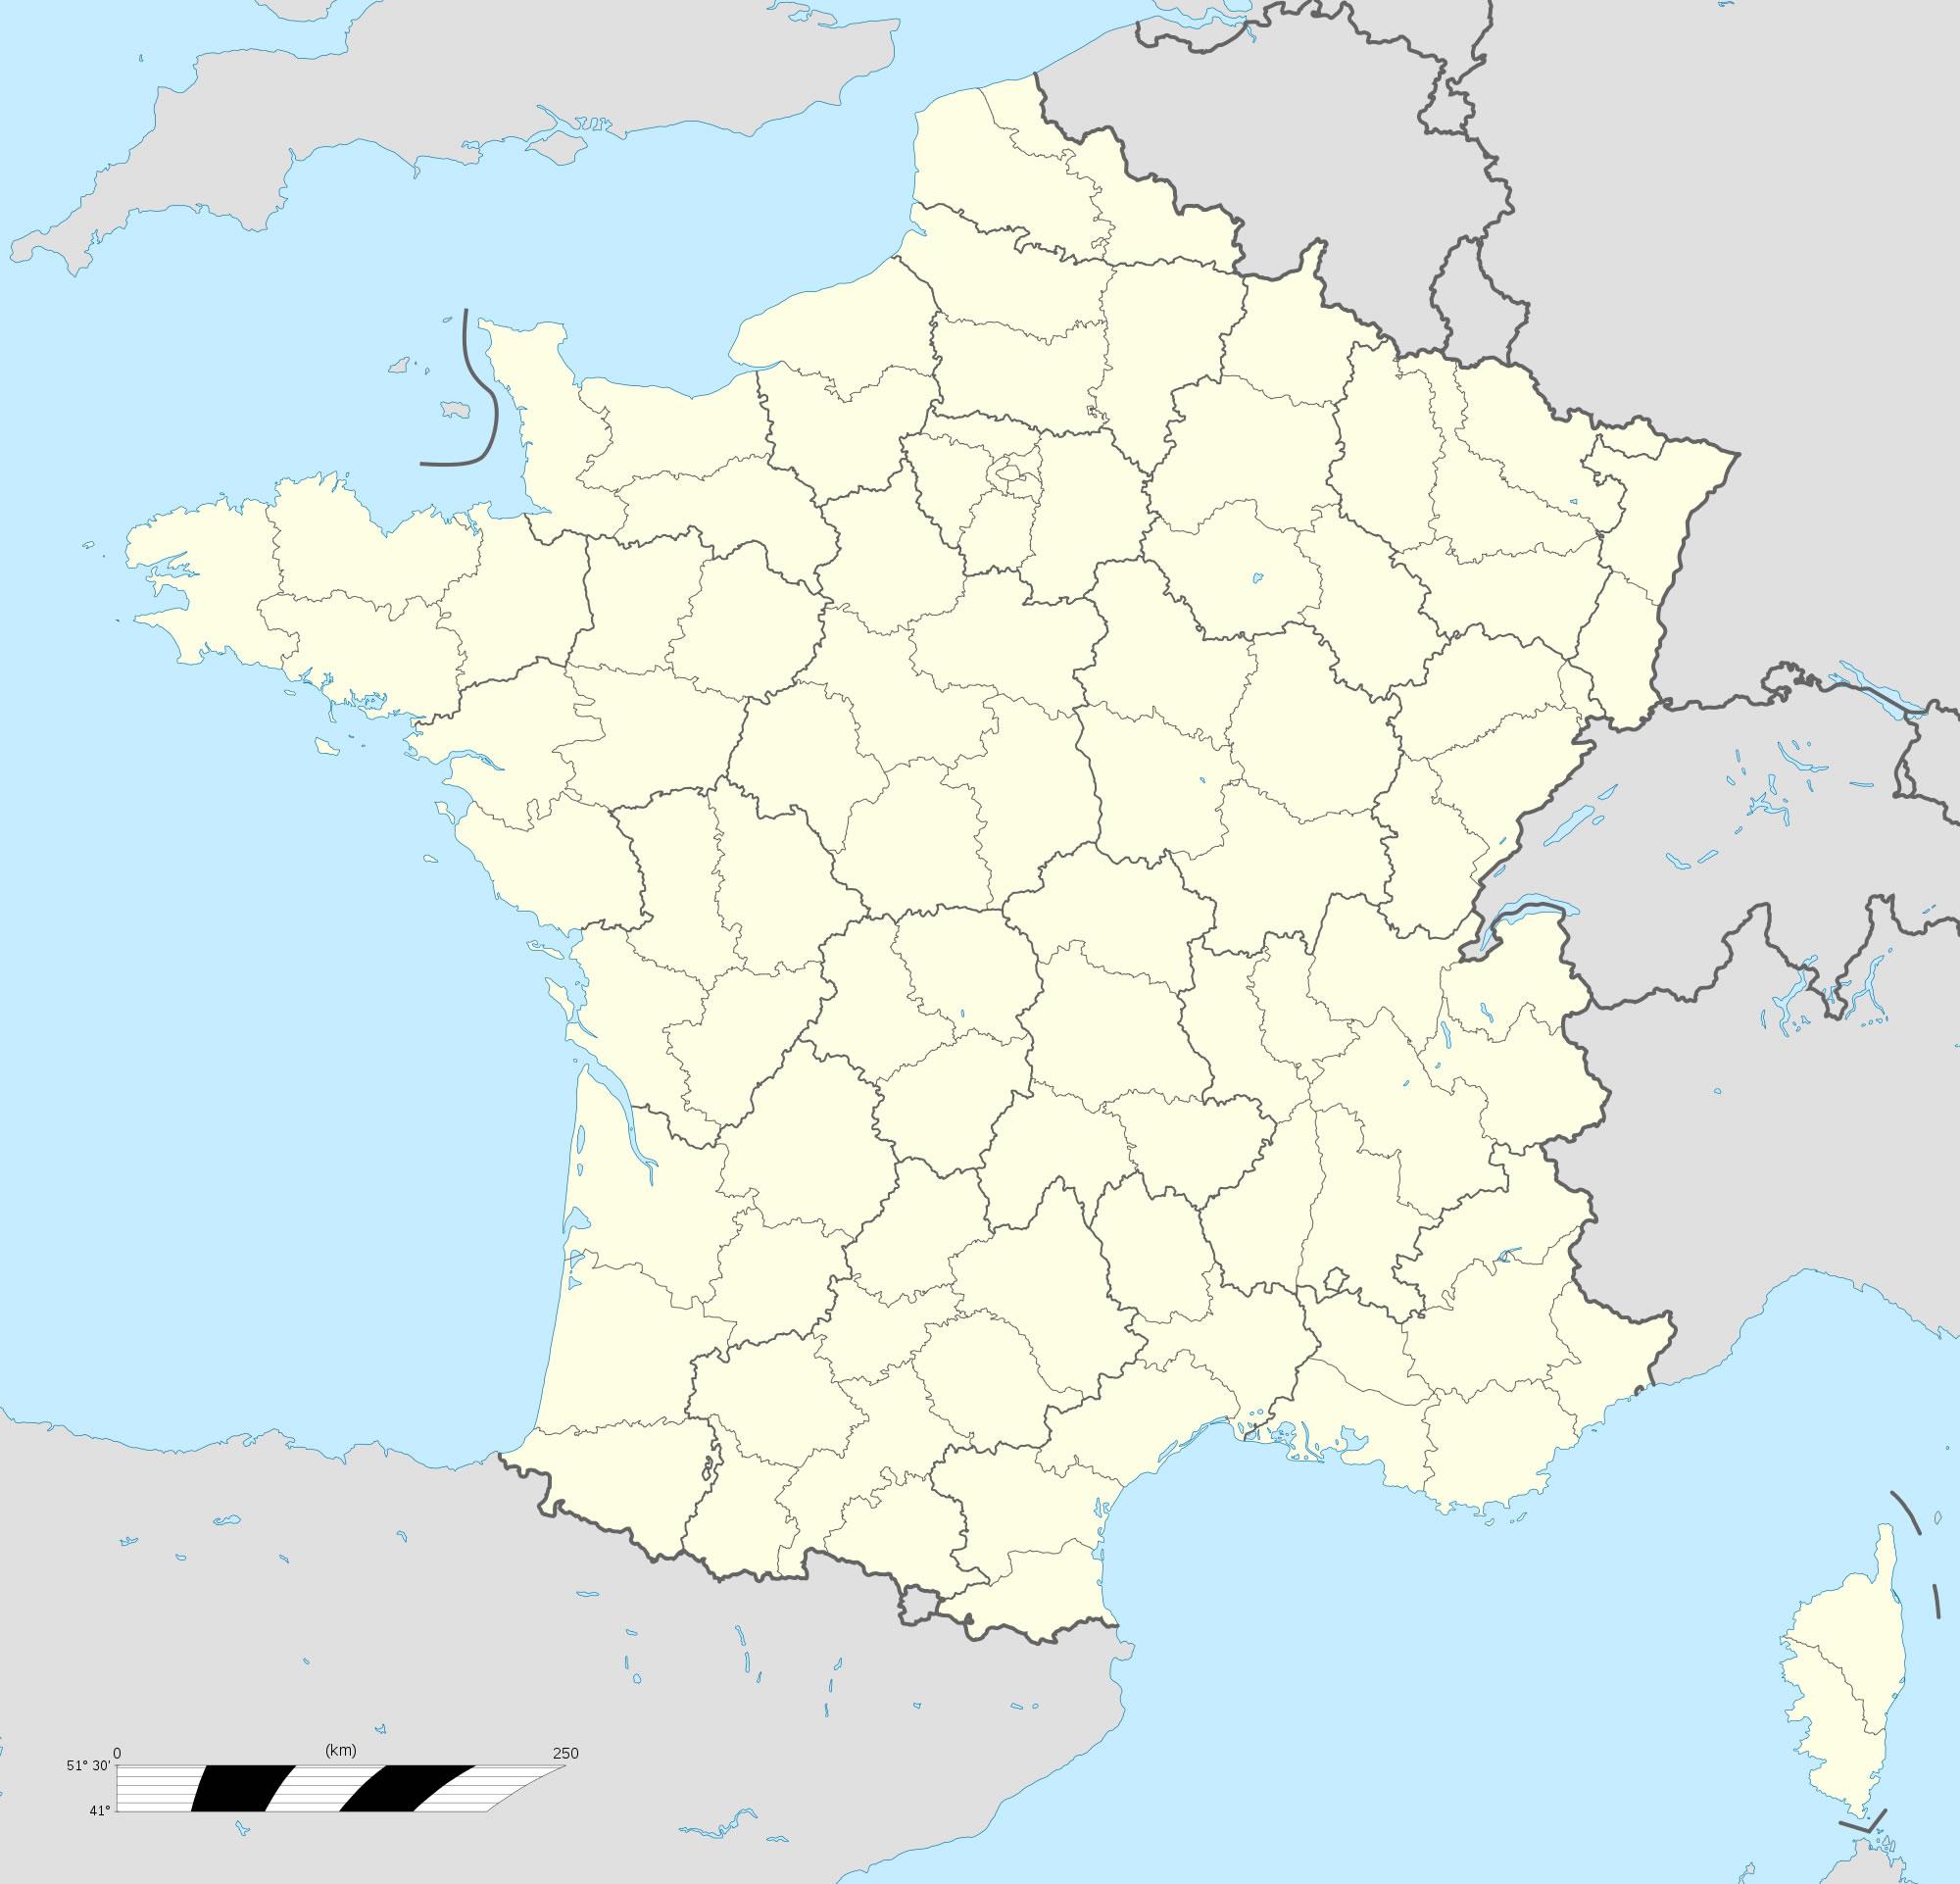 Coloriage Carte De France Départements, Coloriage Carte Des dedans Coloriage Carte De France